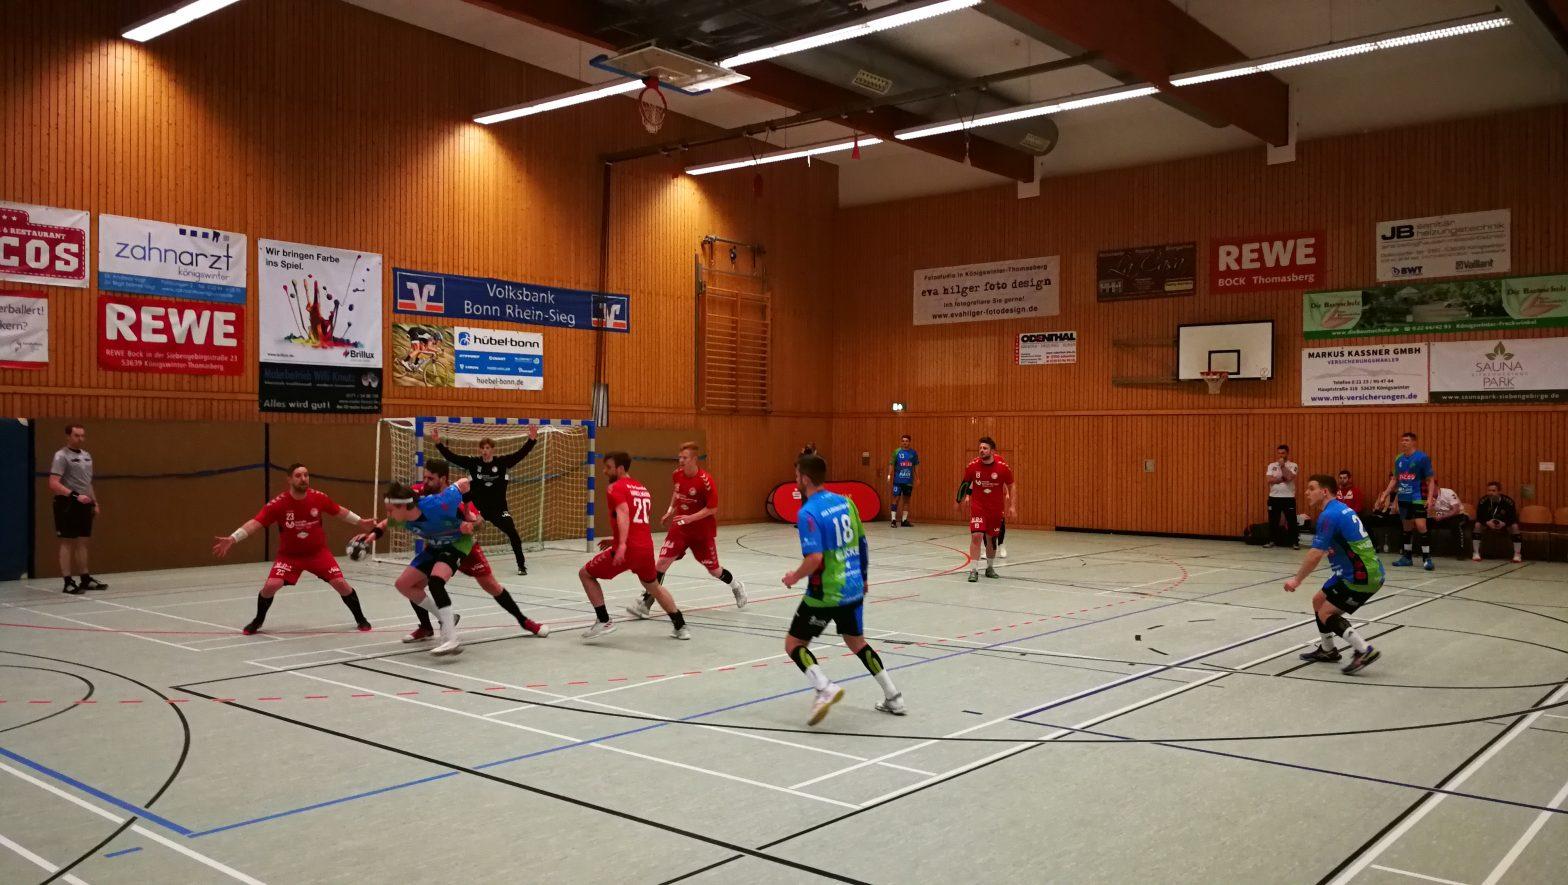 HSG1920 Herren 1 SG Remscheid 1